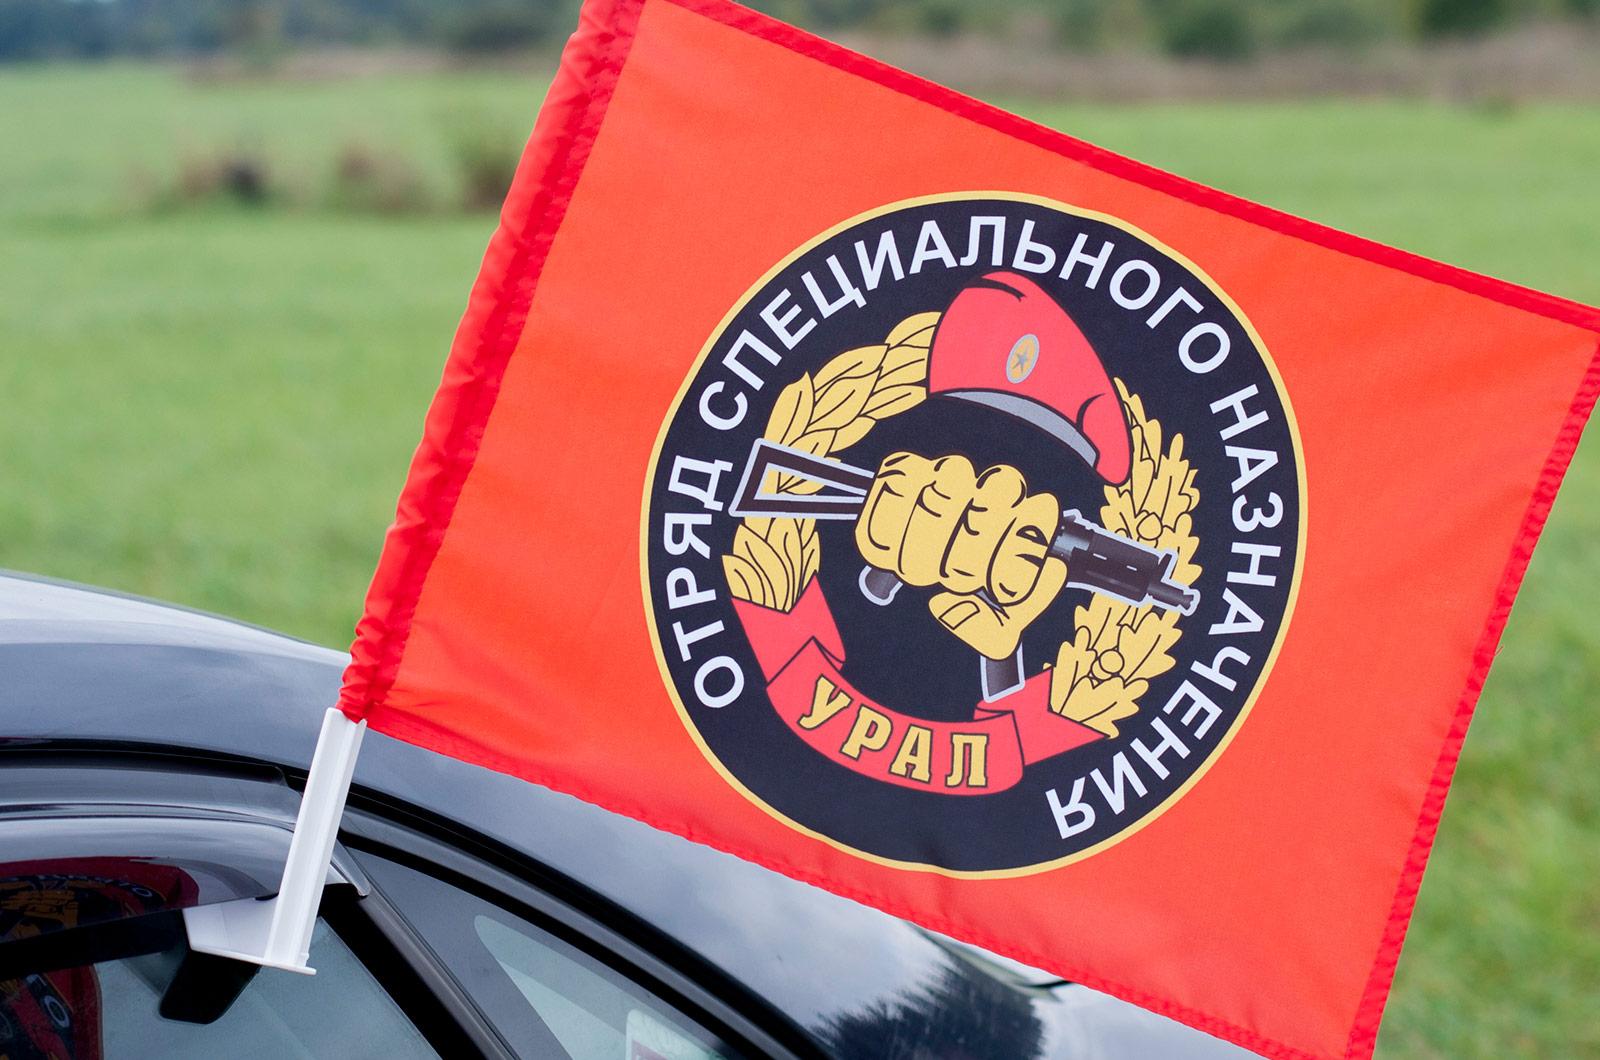 Флаг Спецназа ВВ 12 ОСН Урал